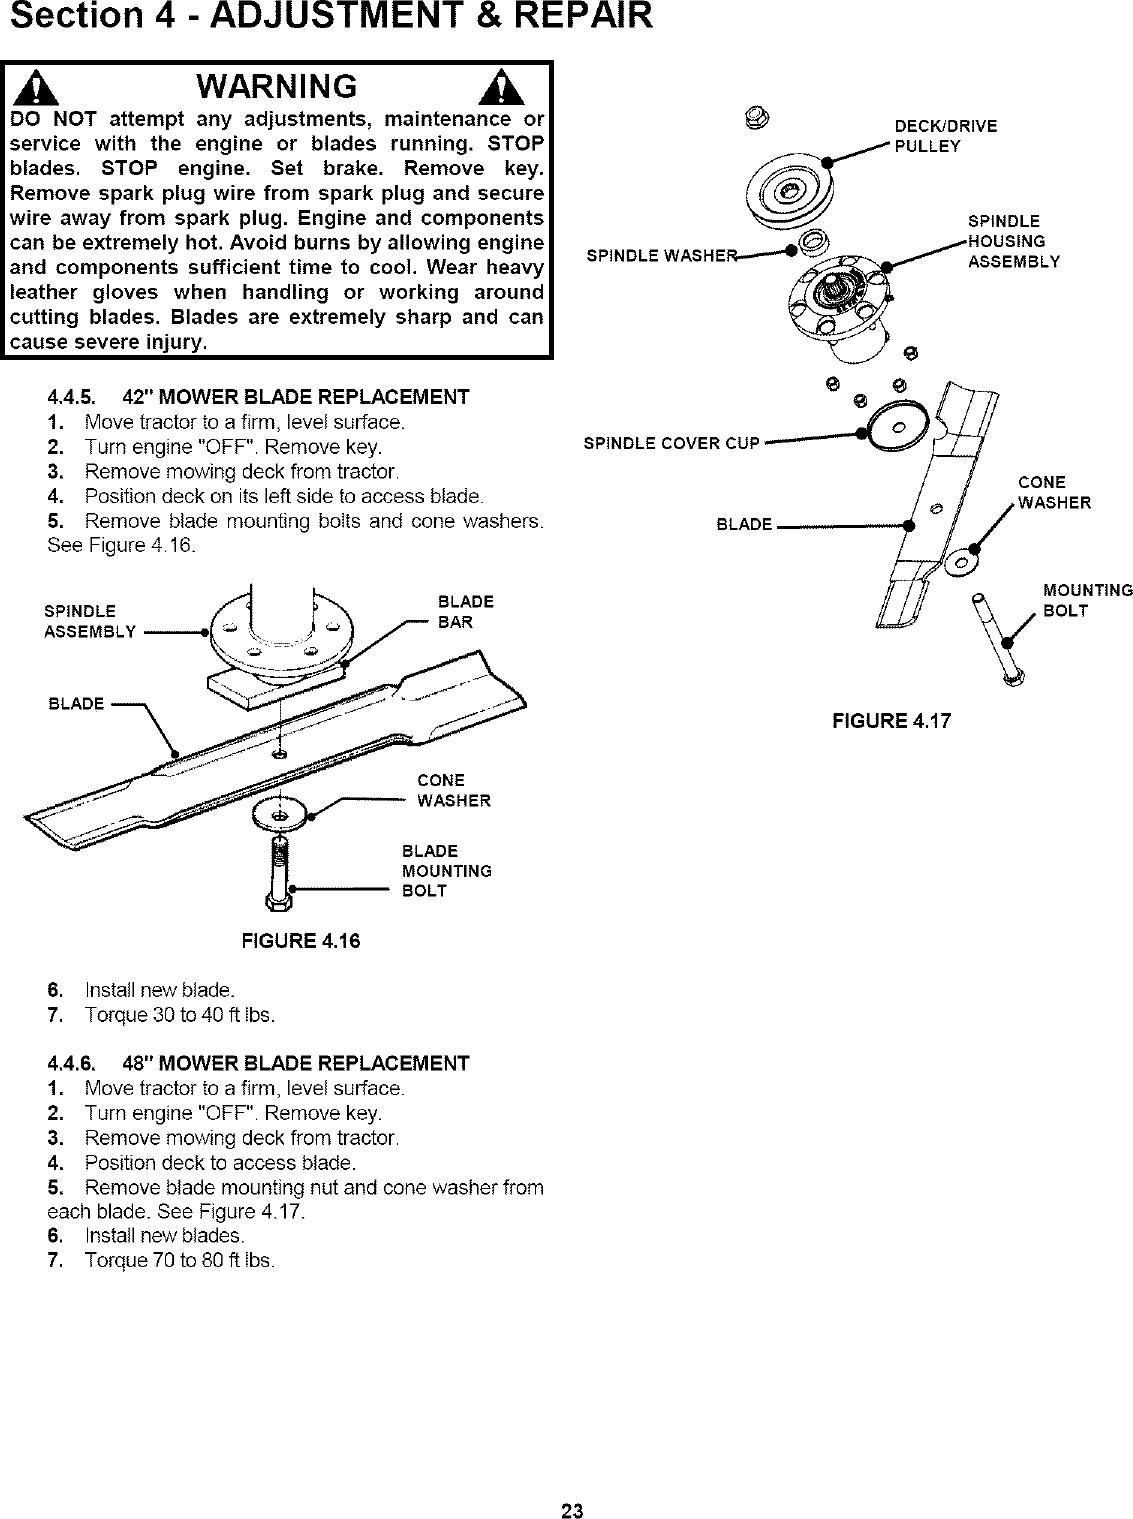 SNAPPER Lawn, Tractor Manual L0808166